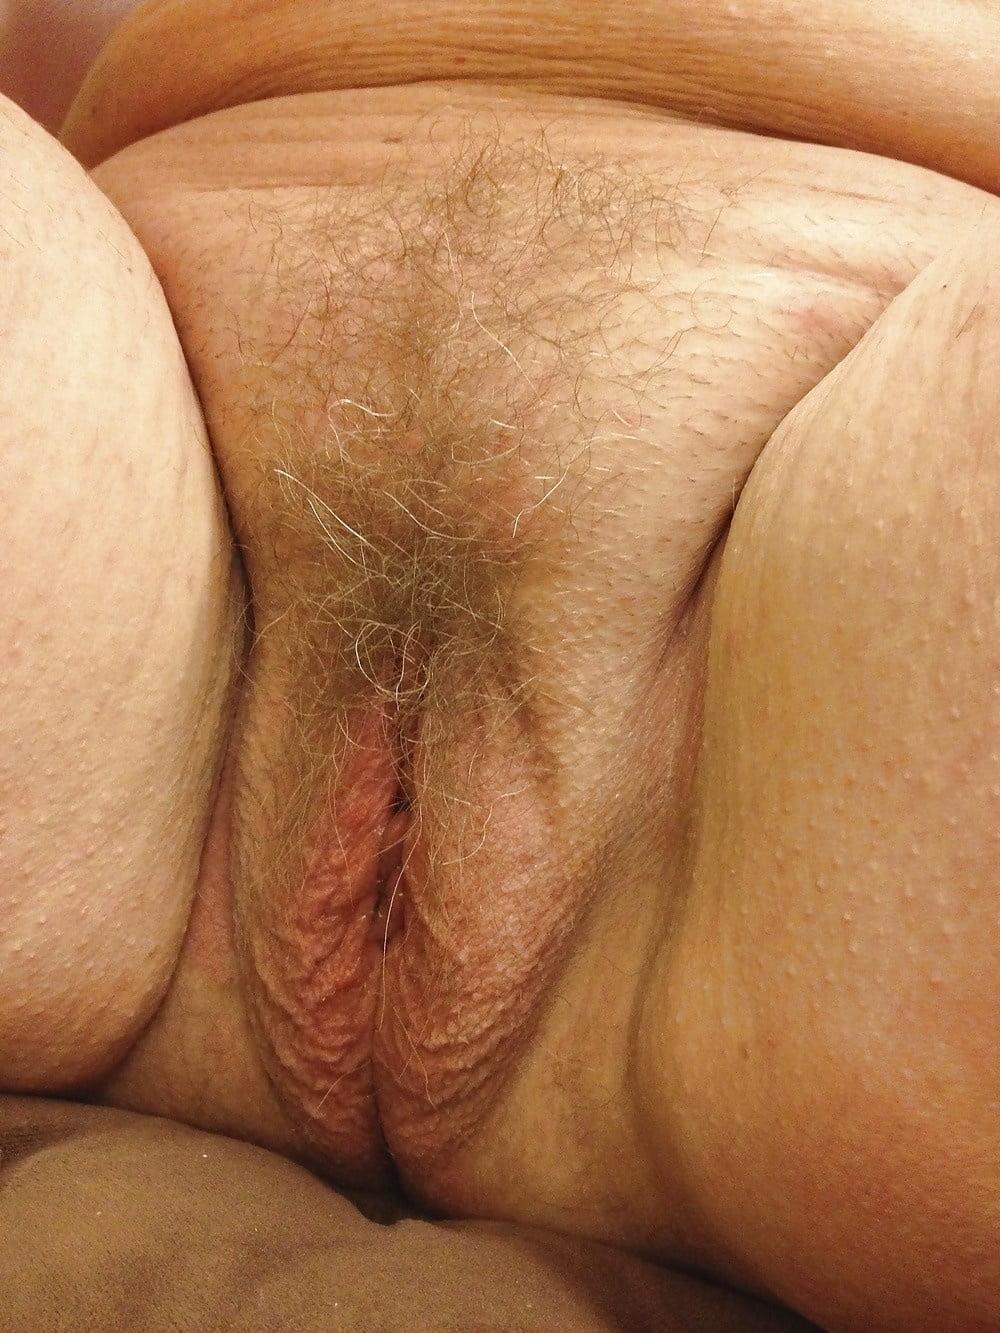 Как выглядит вульва у толстых женщин, баба работает секс